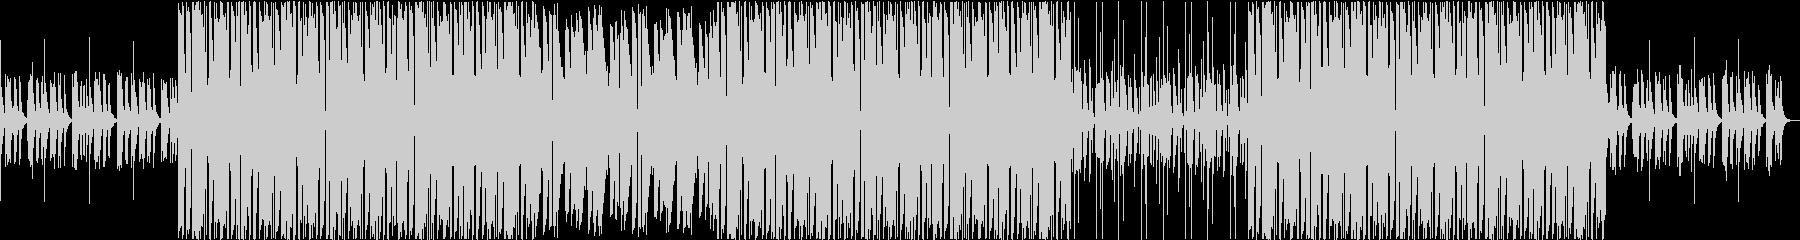 トロピカル トラップビートの未再生の波形